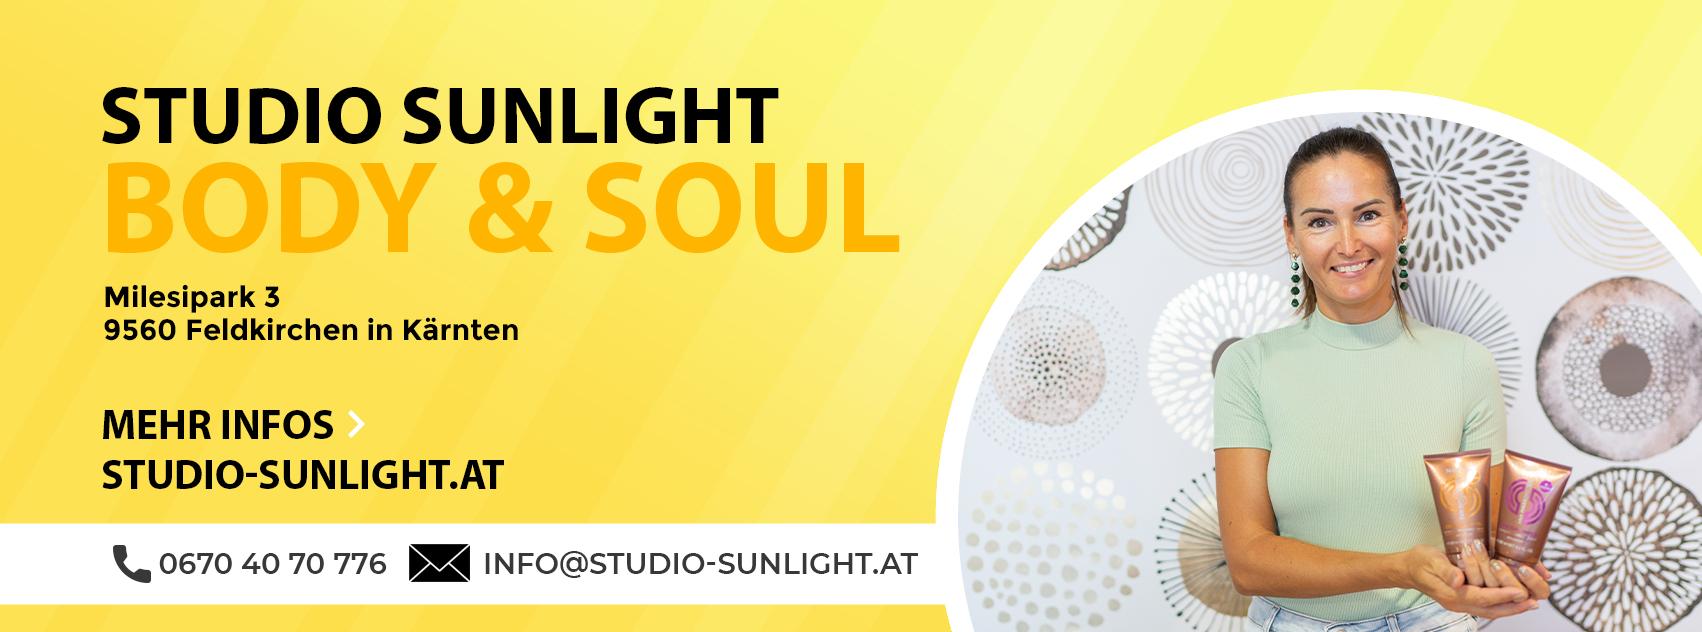 Facebook Banner für das Studio Sunlight Feldkirchen in Kärtnen